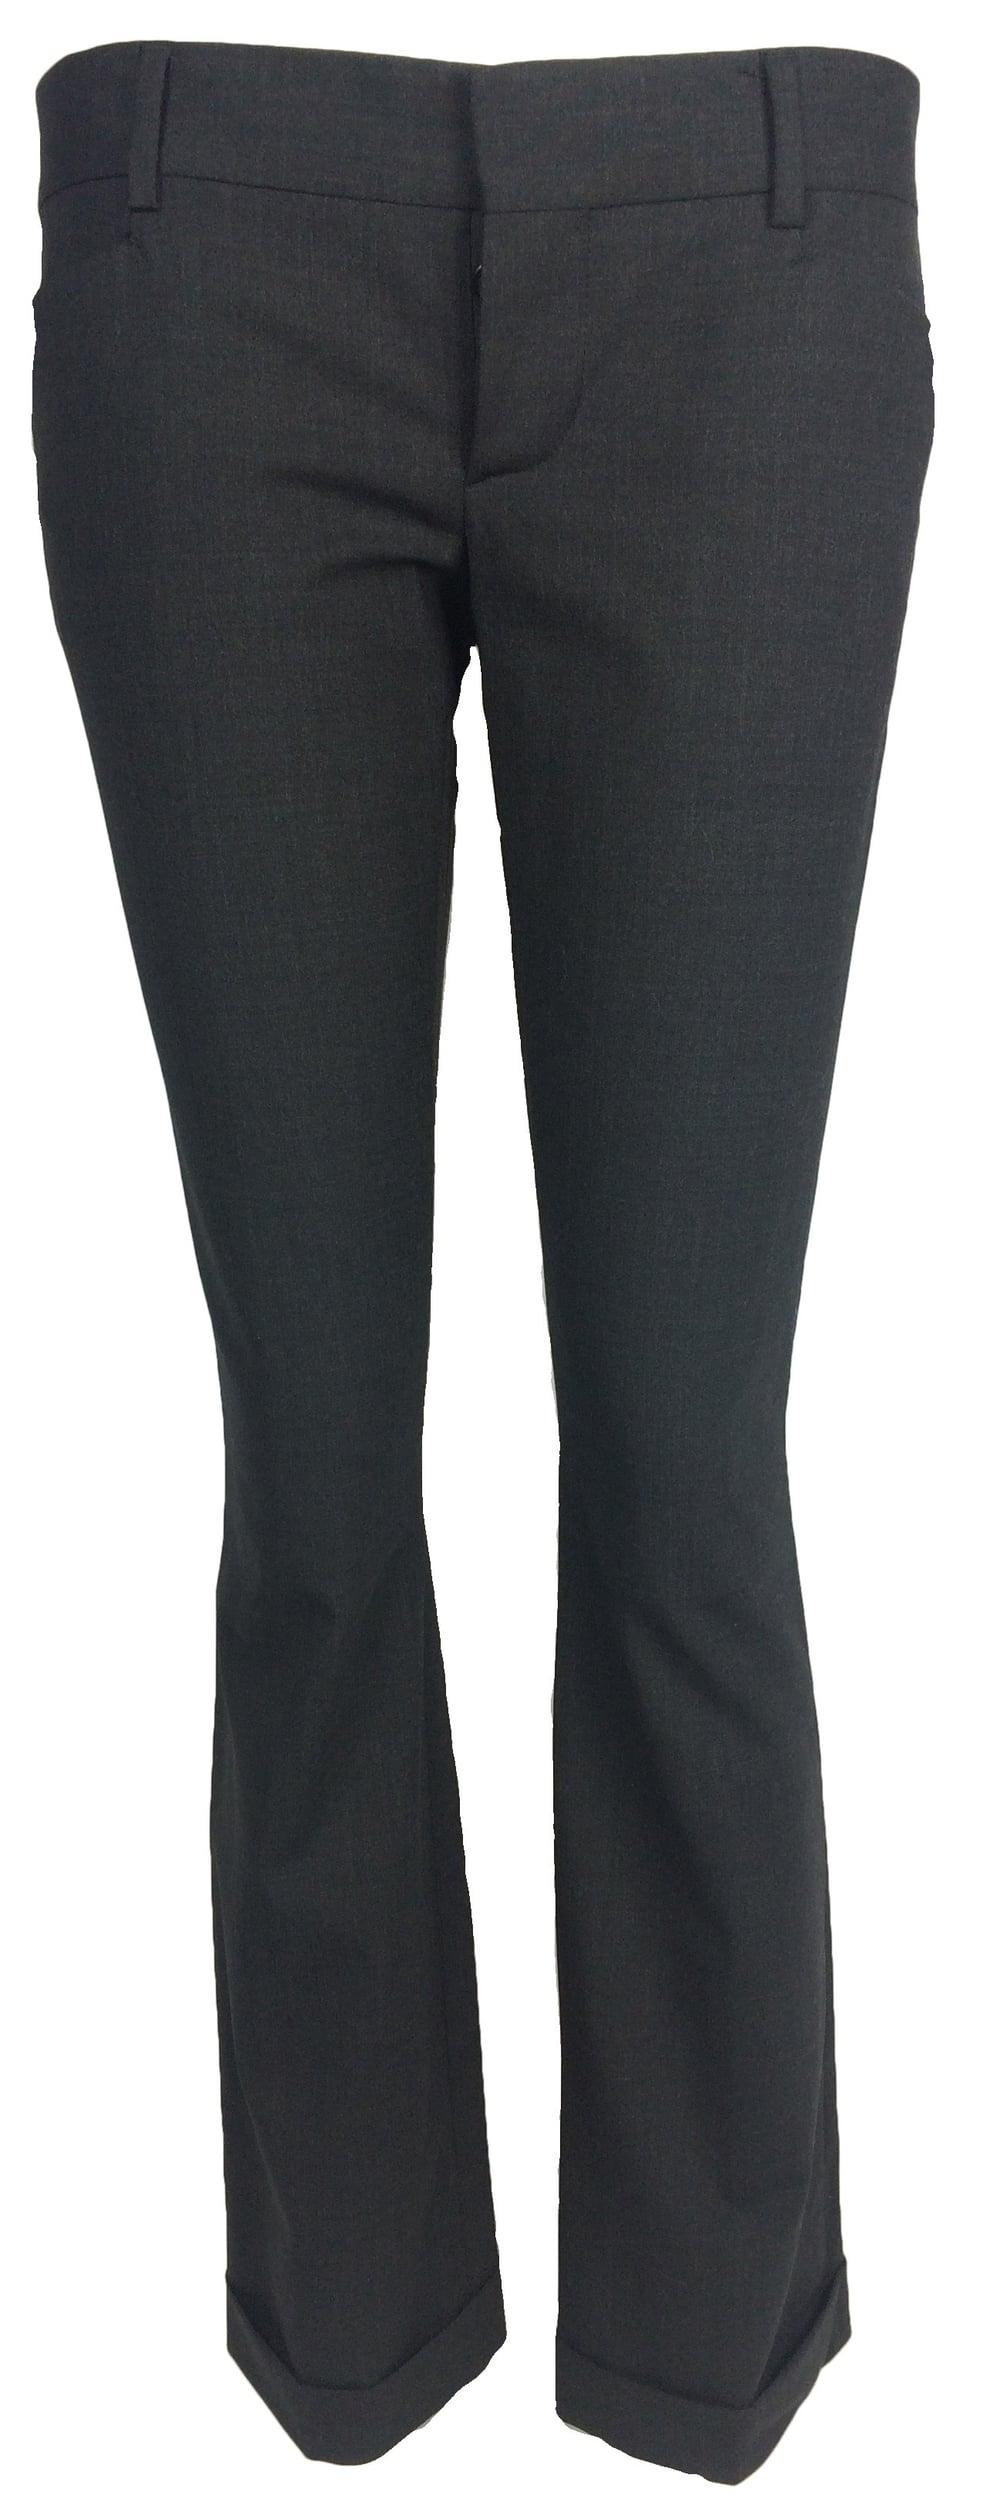 pants4.jpg